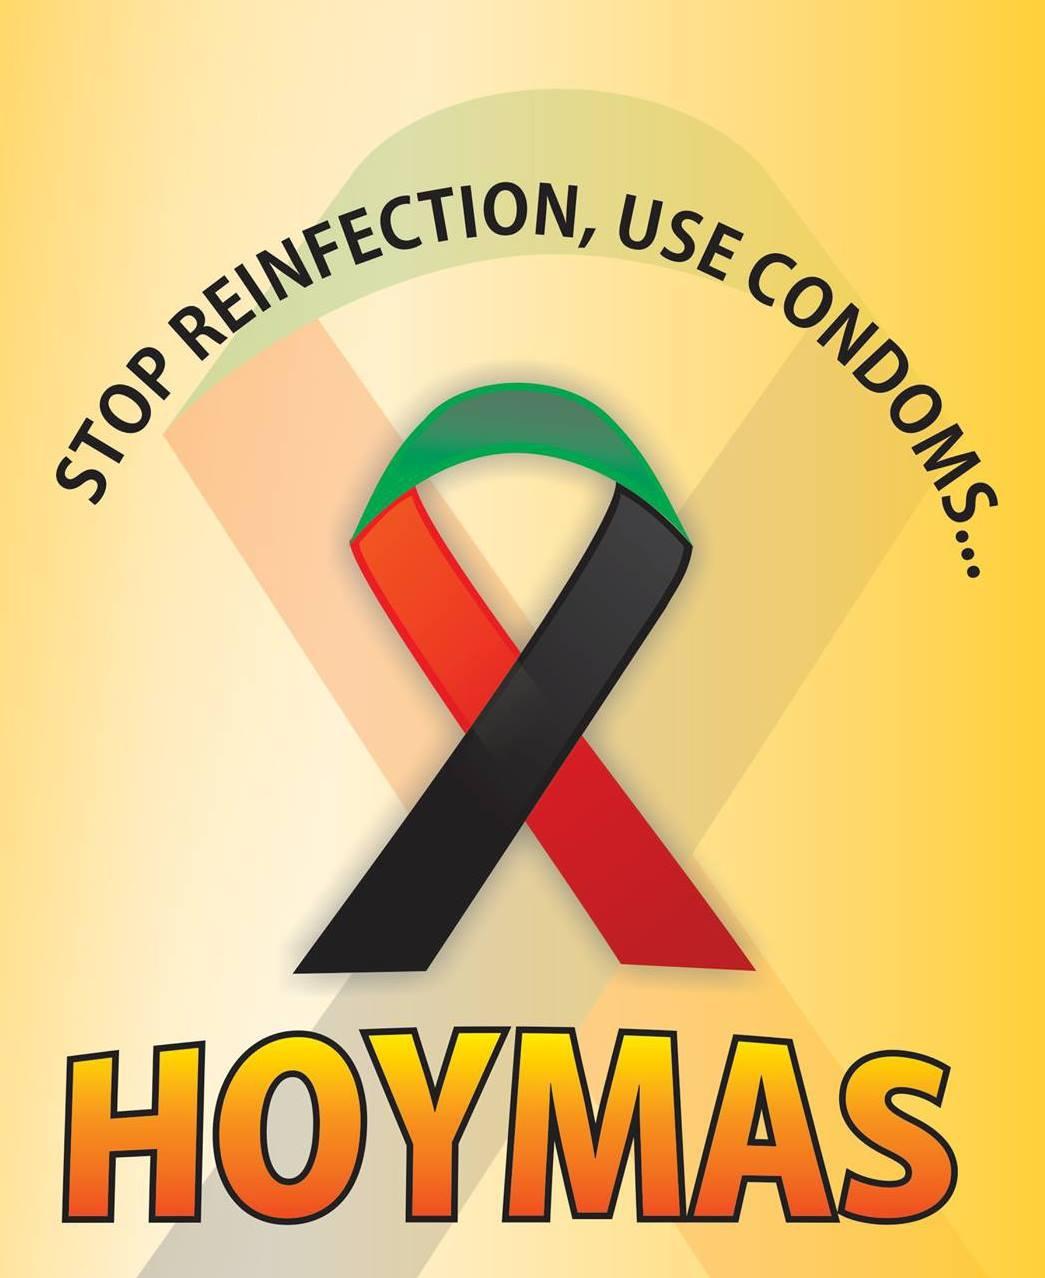 hoymas_logo.jpg